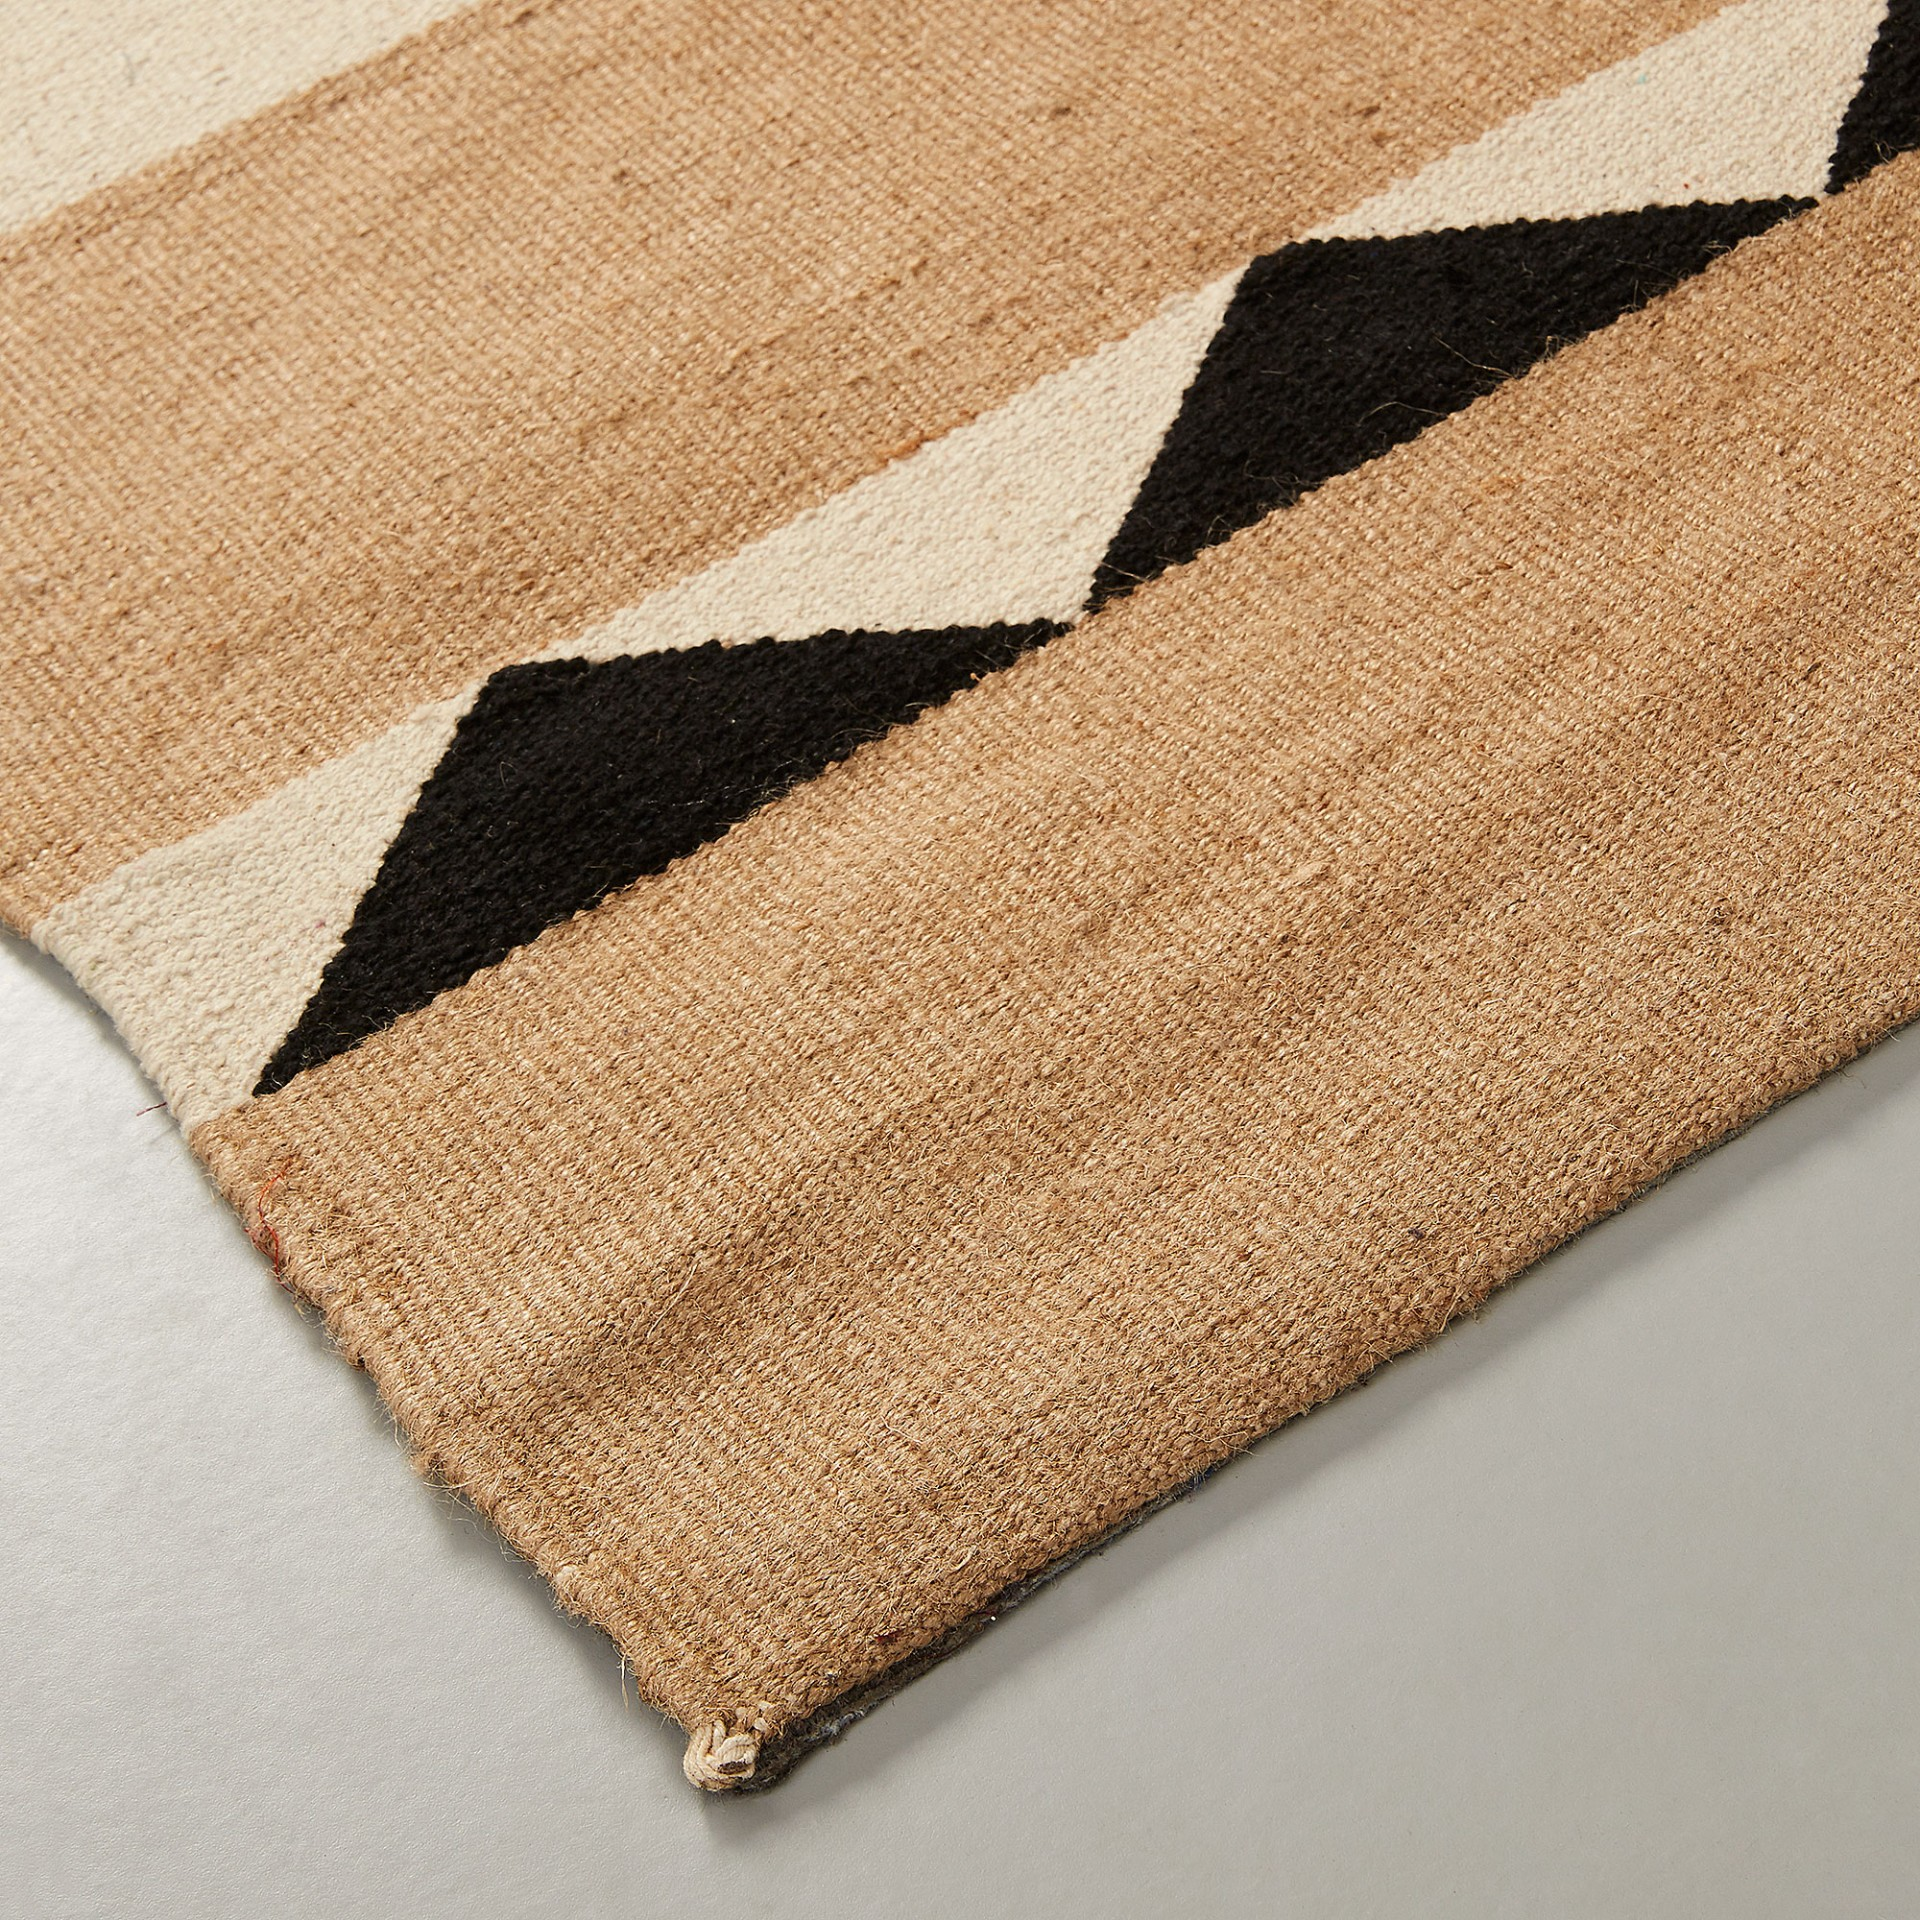 Tapete Galy, juta natural/algodão, 160x230 cm